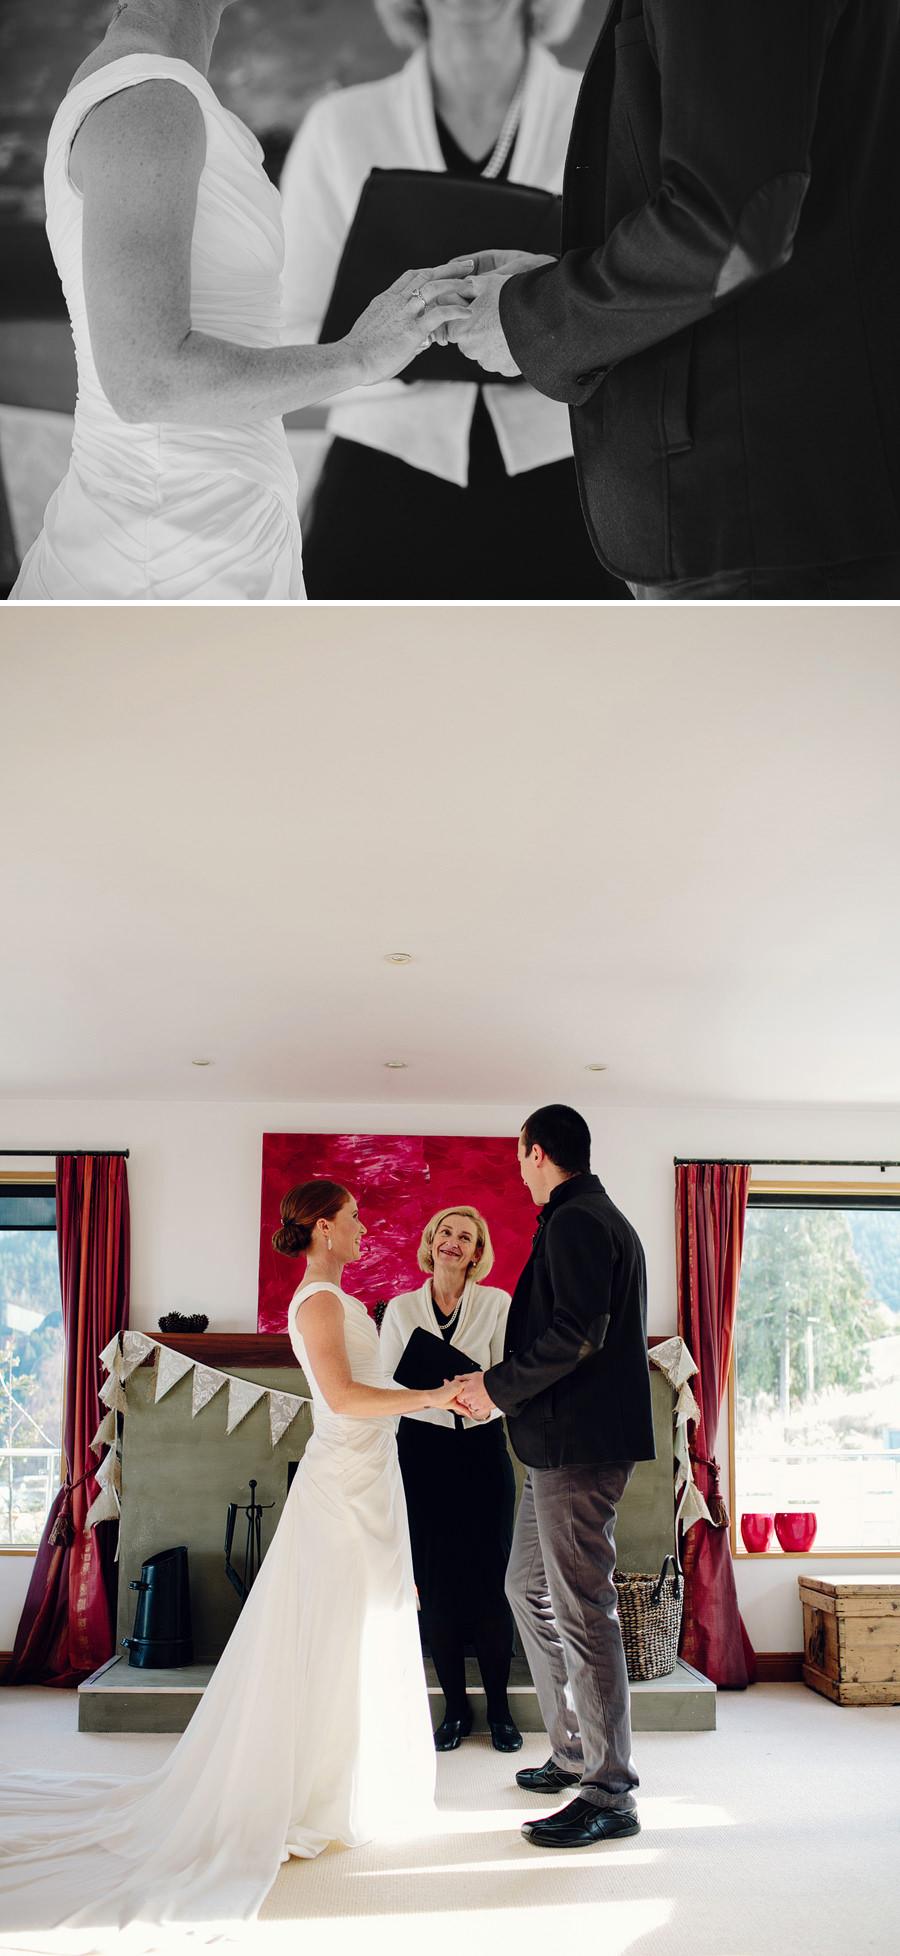 Otago Wedding Photographers: Ceremony